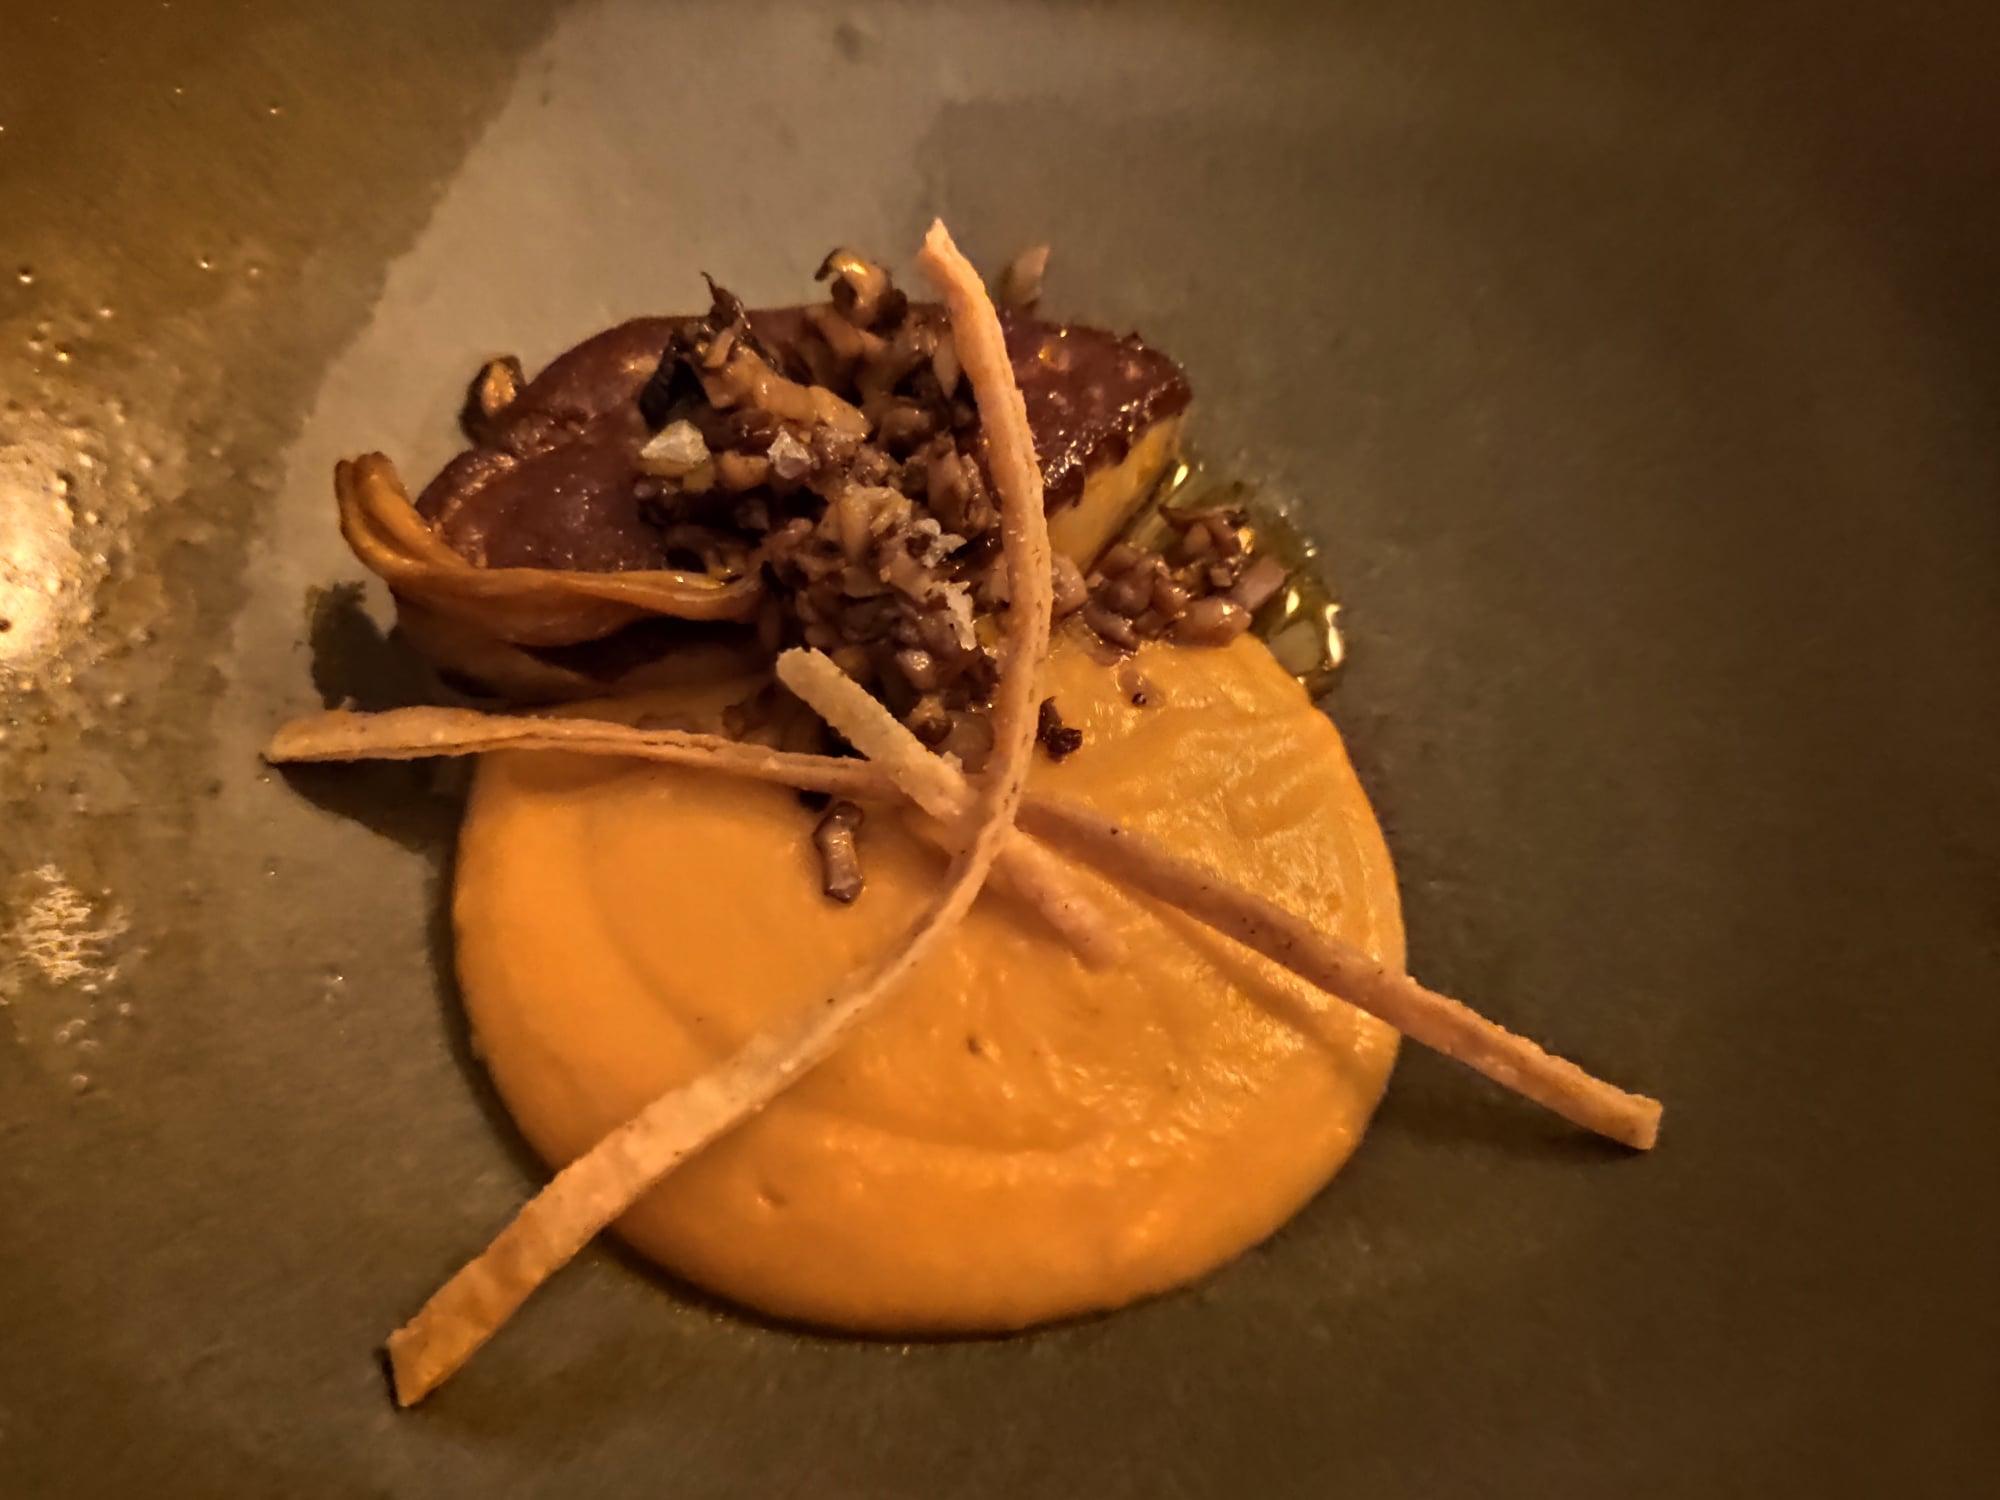 Ron Abuelo et foie gras à la braise accompagné de sa crème de butternut et de chanterelles